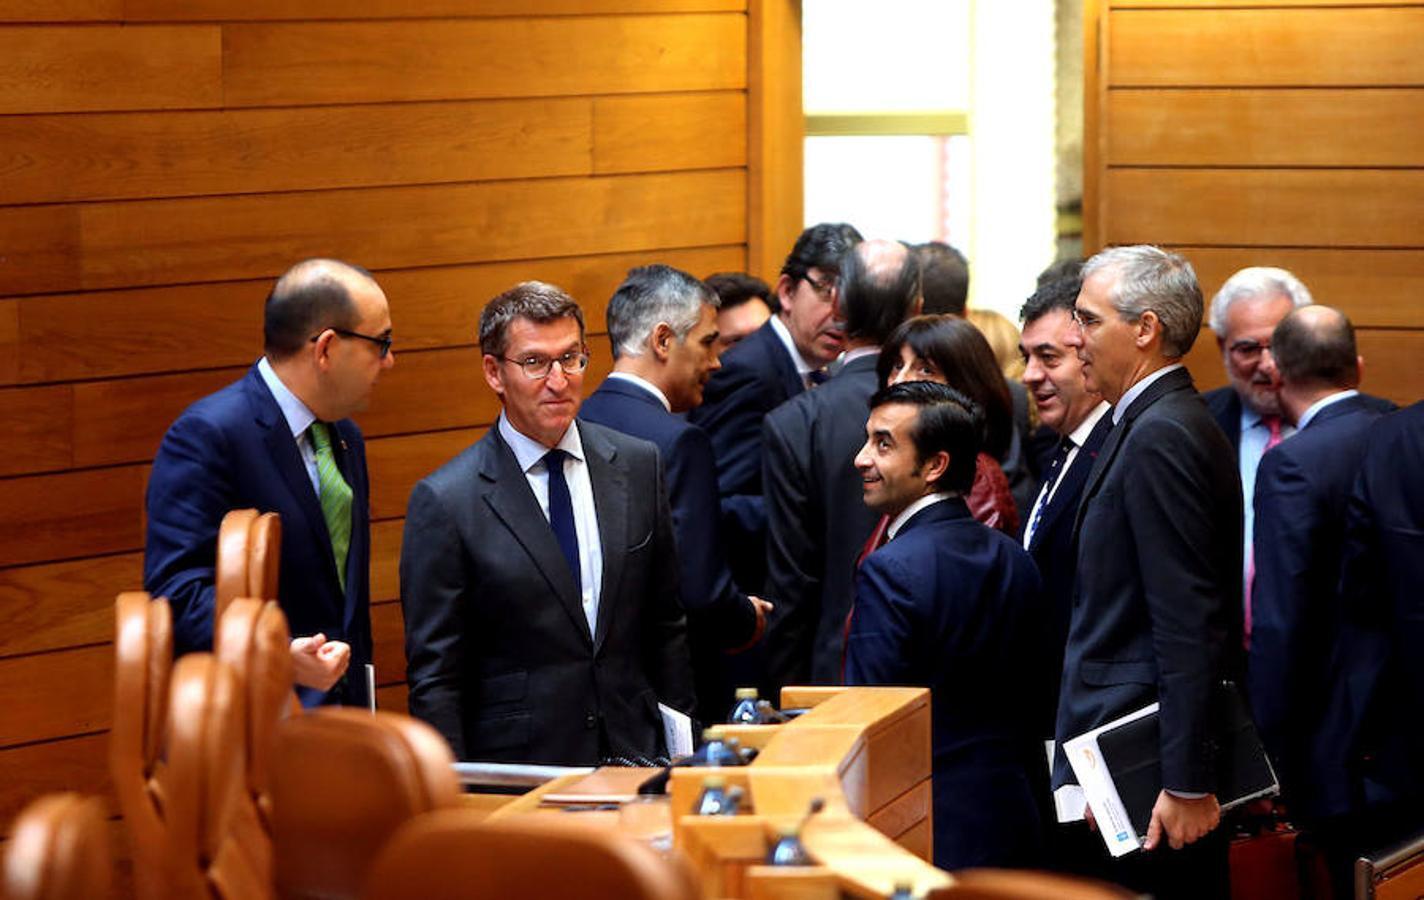 Diputados del PPdeG y miembros del equipo de Feijóo en la Xunta le arropan en el hemiciclo